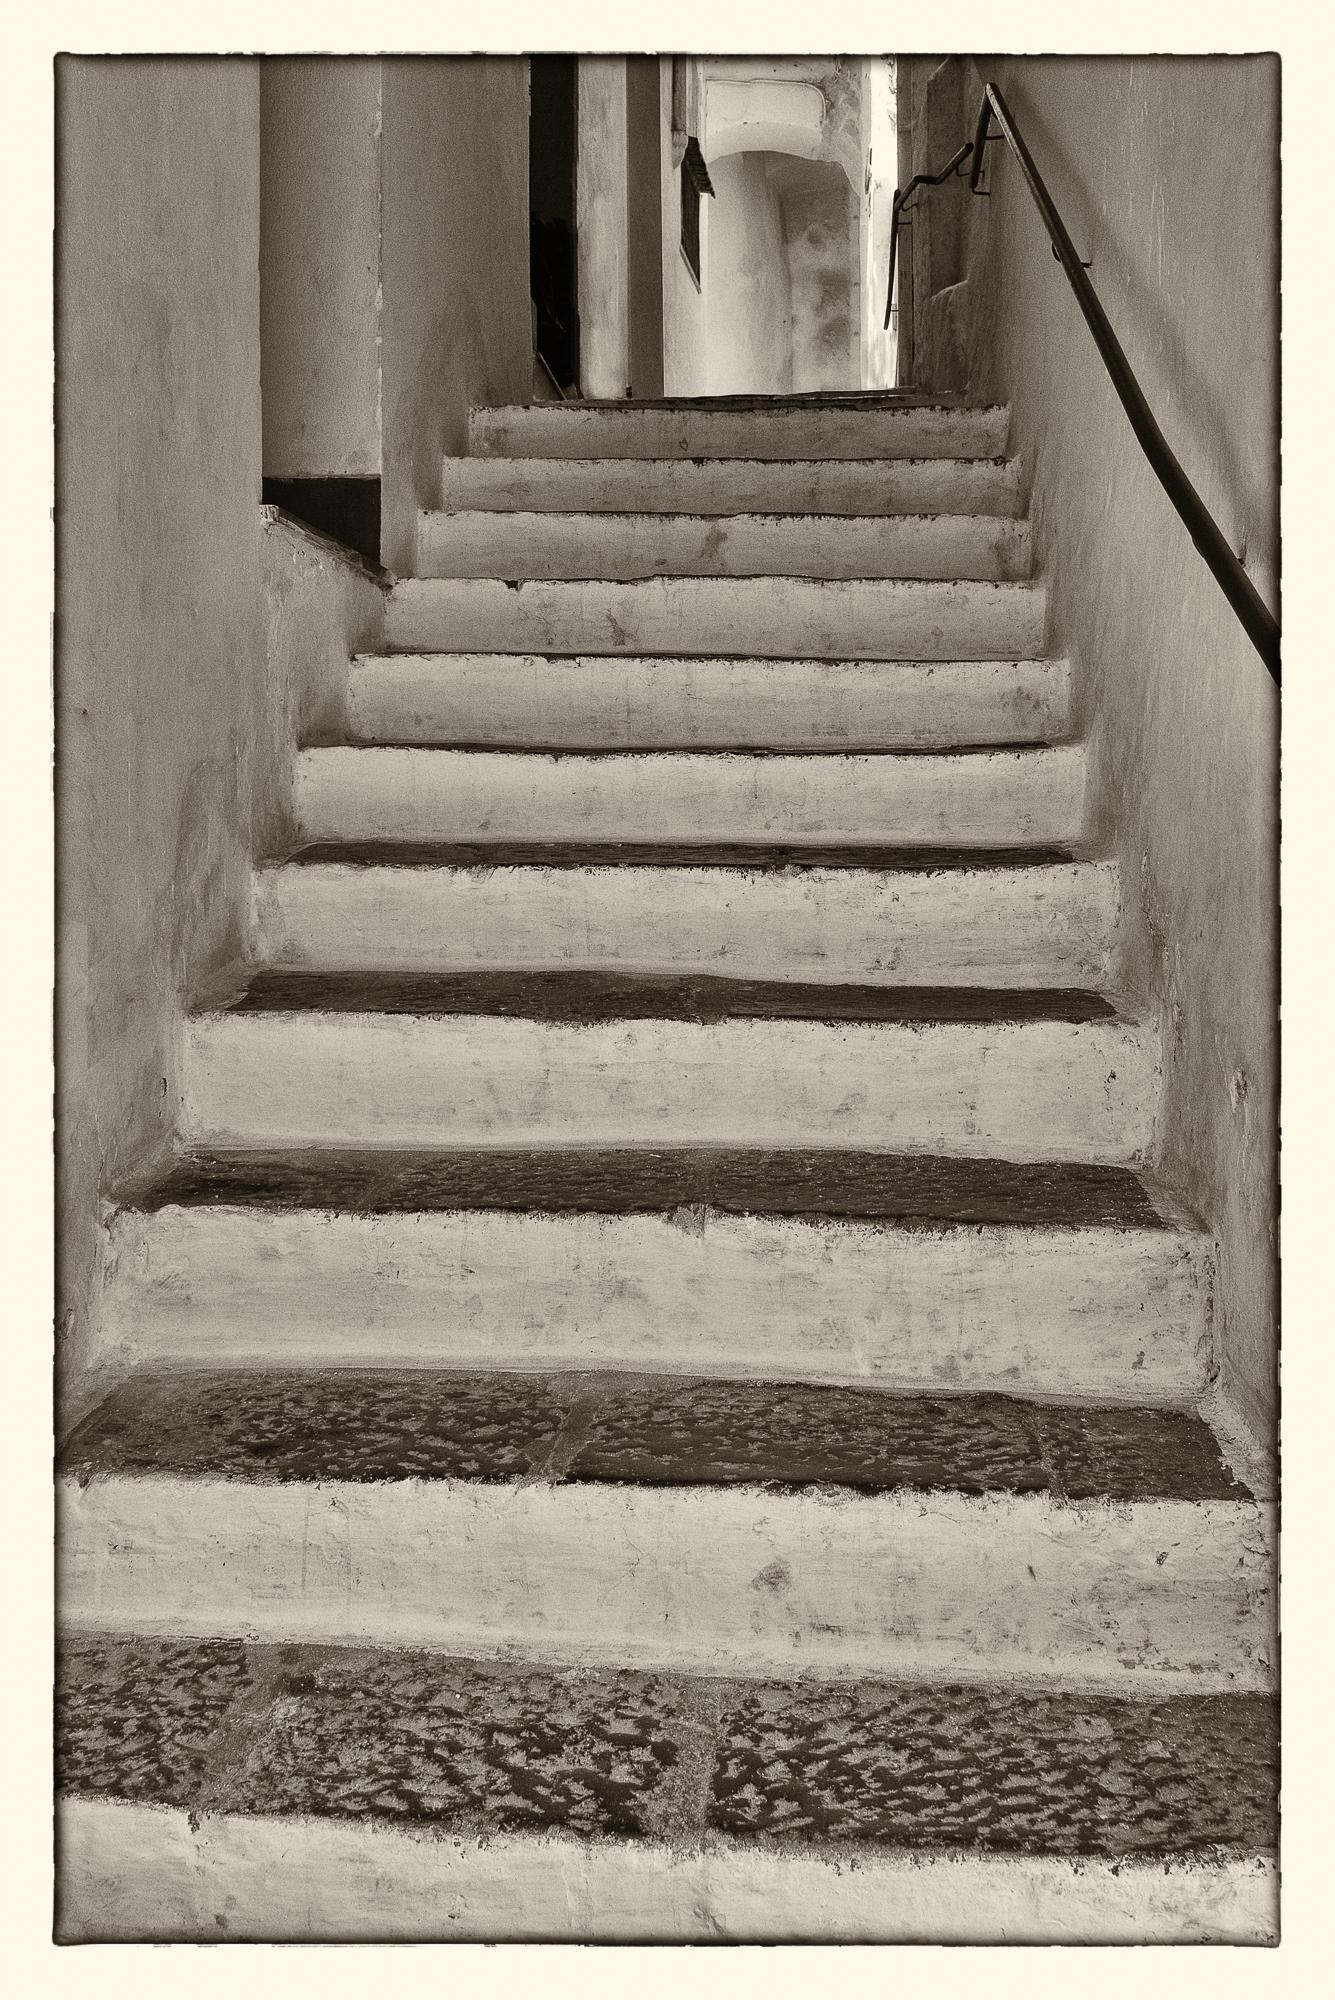 AmalfiStairs-9.jpg